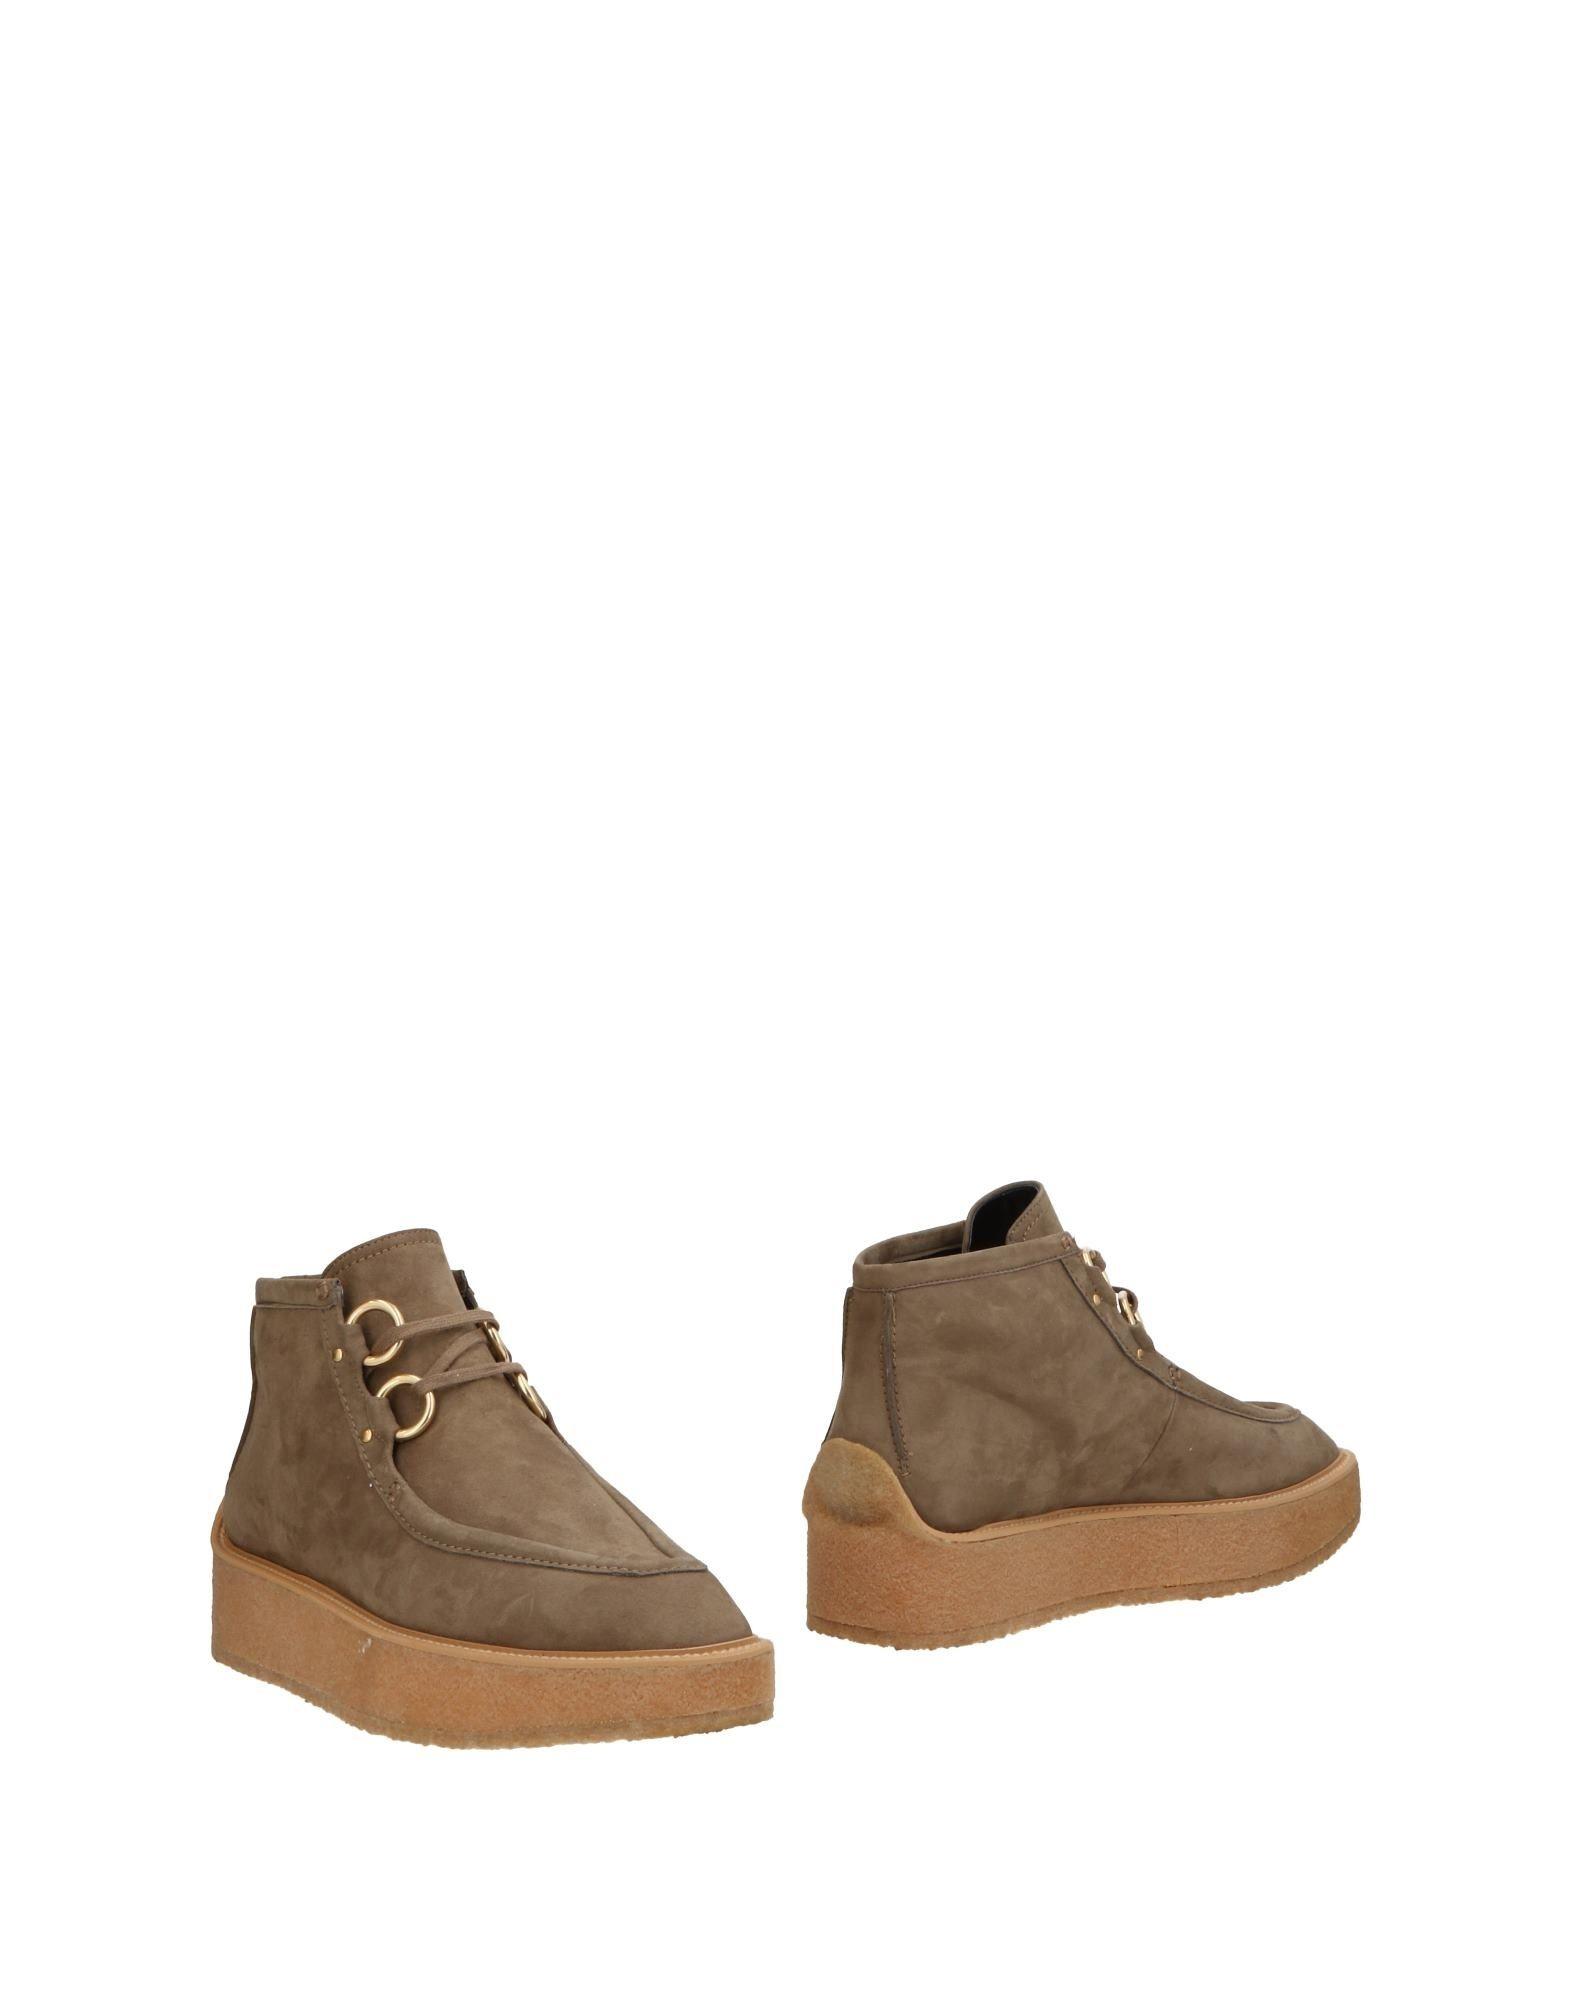 Stella 11485429QNGünstige Mccartney Stiefelette Damen  11485429QNGünstige Stella gut aussehende Schuhe ccbd52